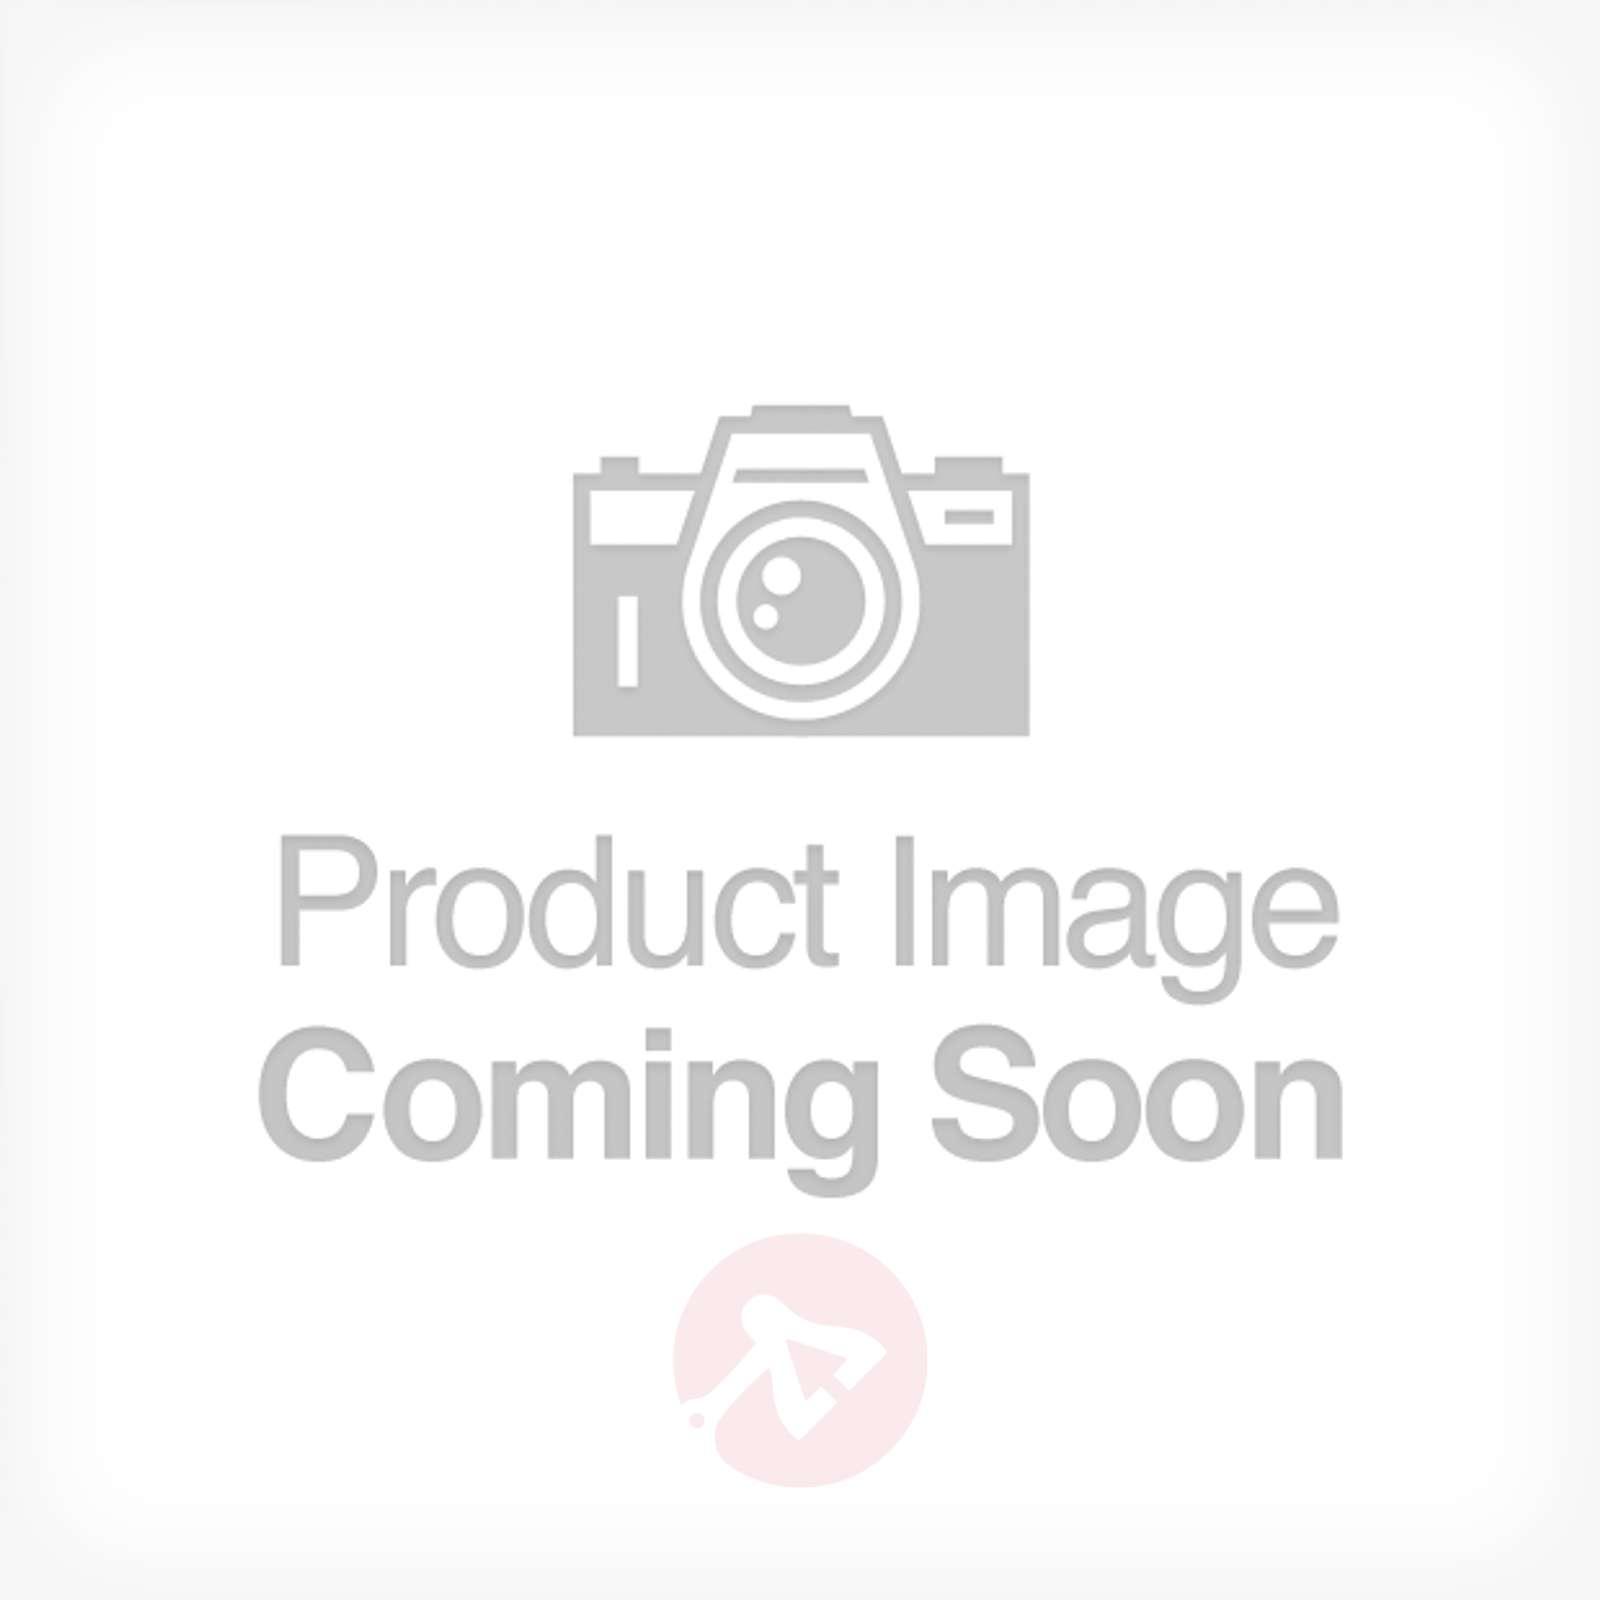 AEG Titania LED ceiling spotlight, chrome, 3-bulb | Lights.ie for Spotlight Interior Led  166kxo